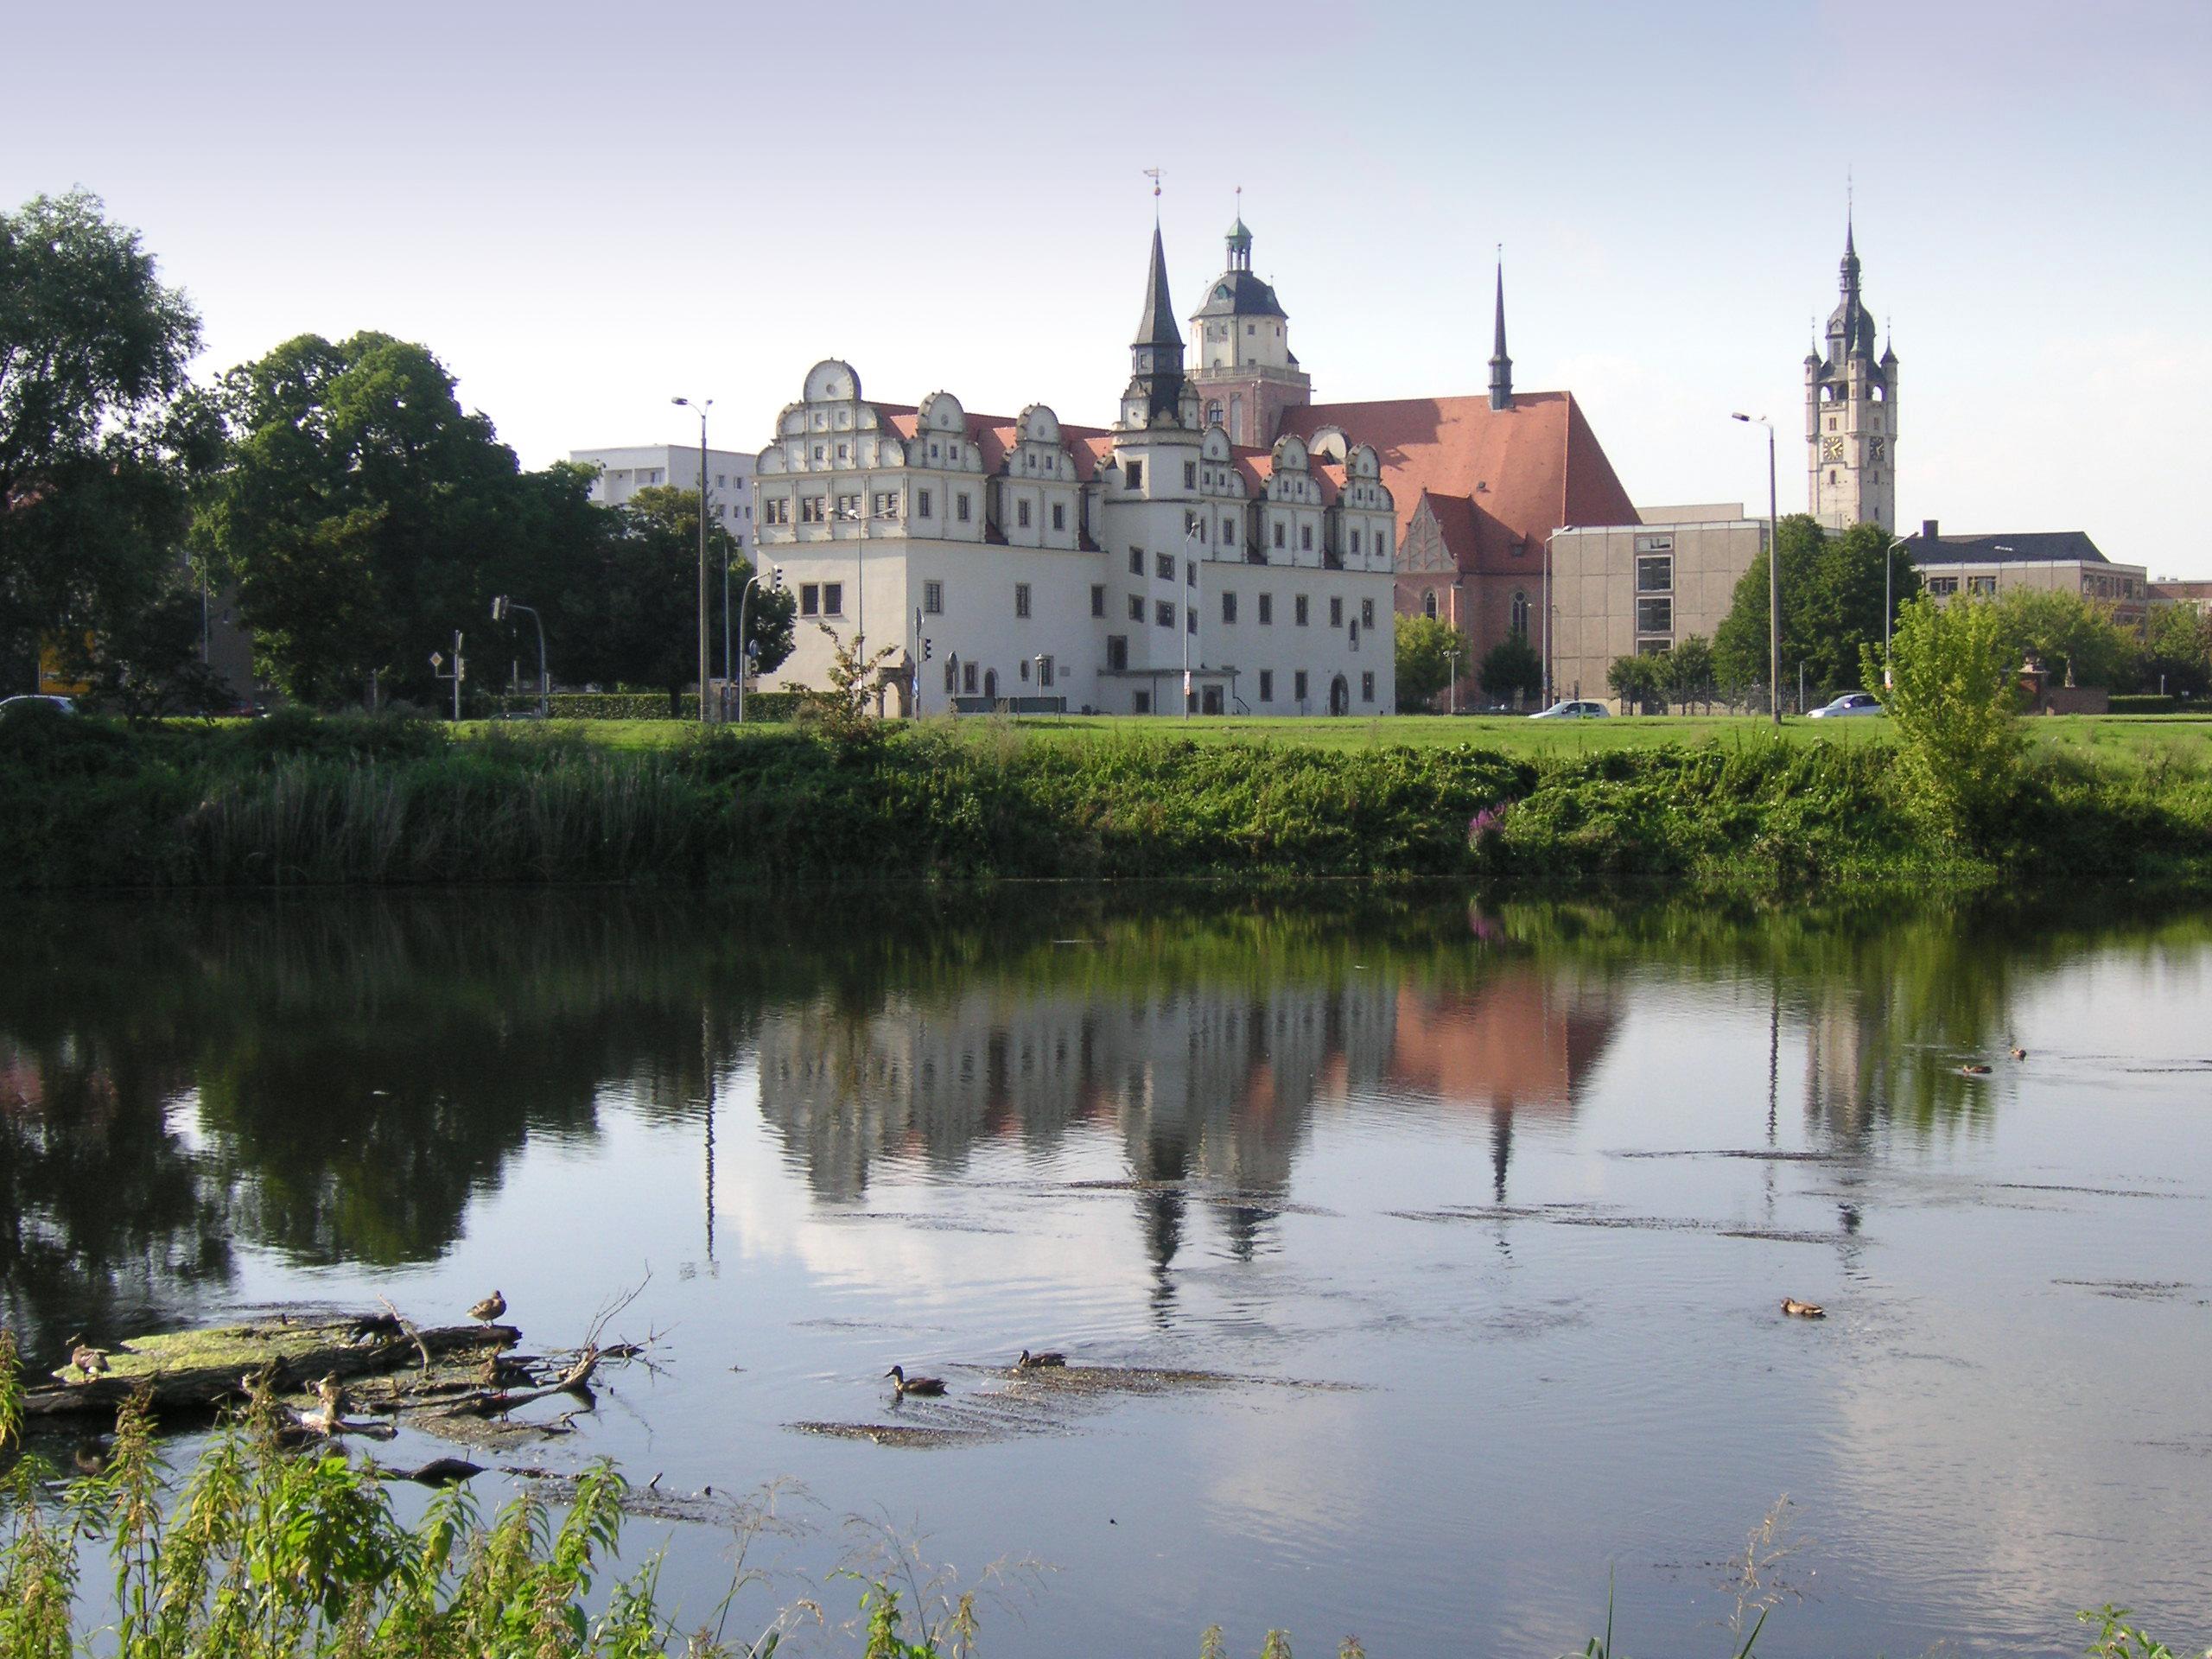 Dessau-Rosslau Germany  city photos gallery : Blick auf Dessau von der Mulde